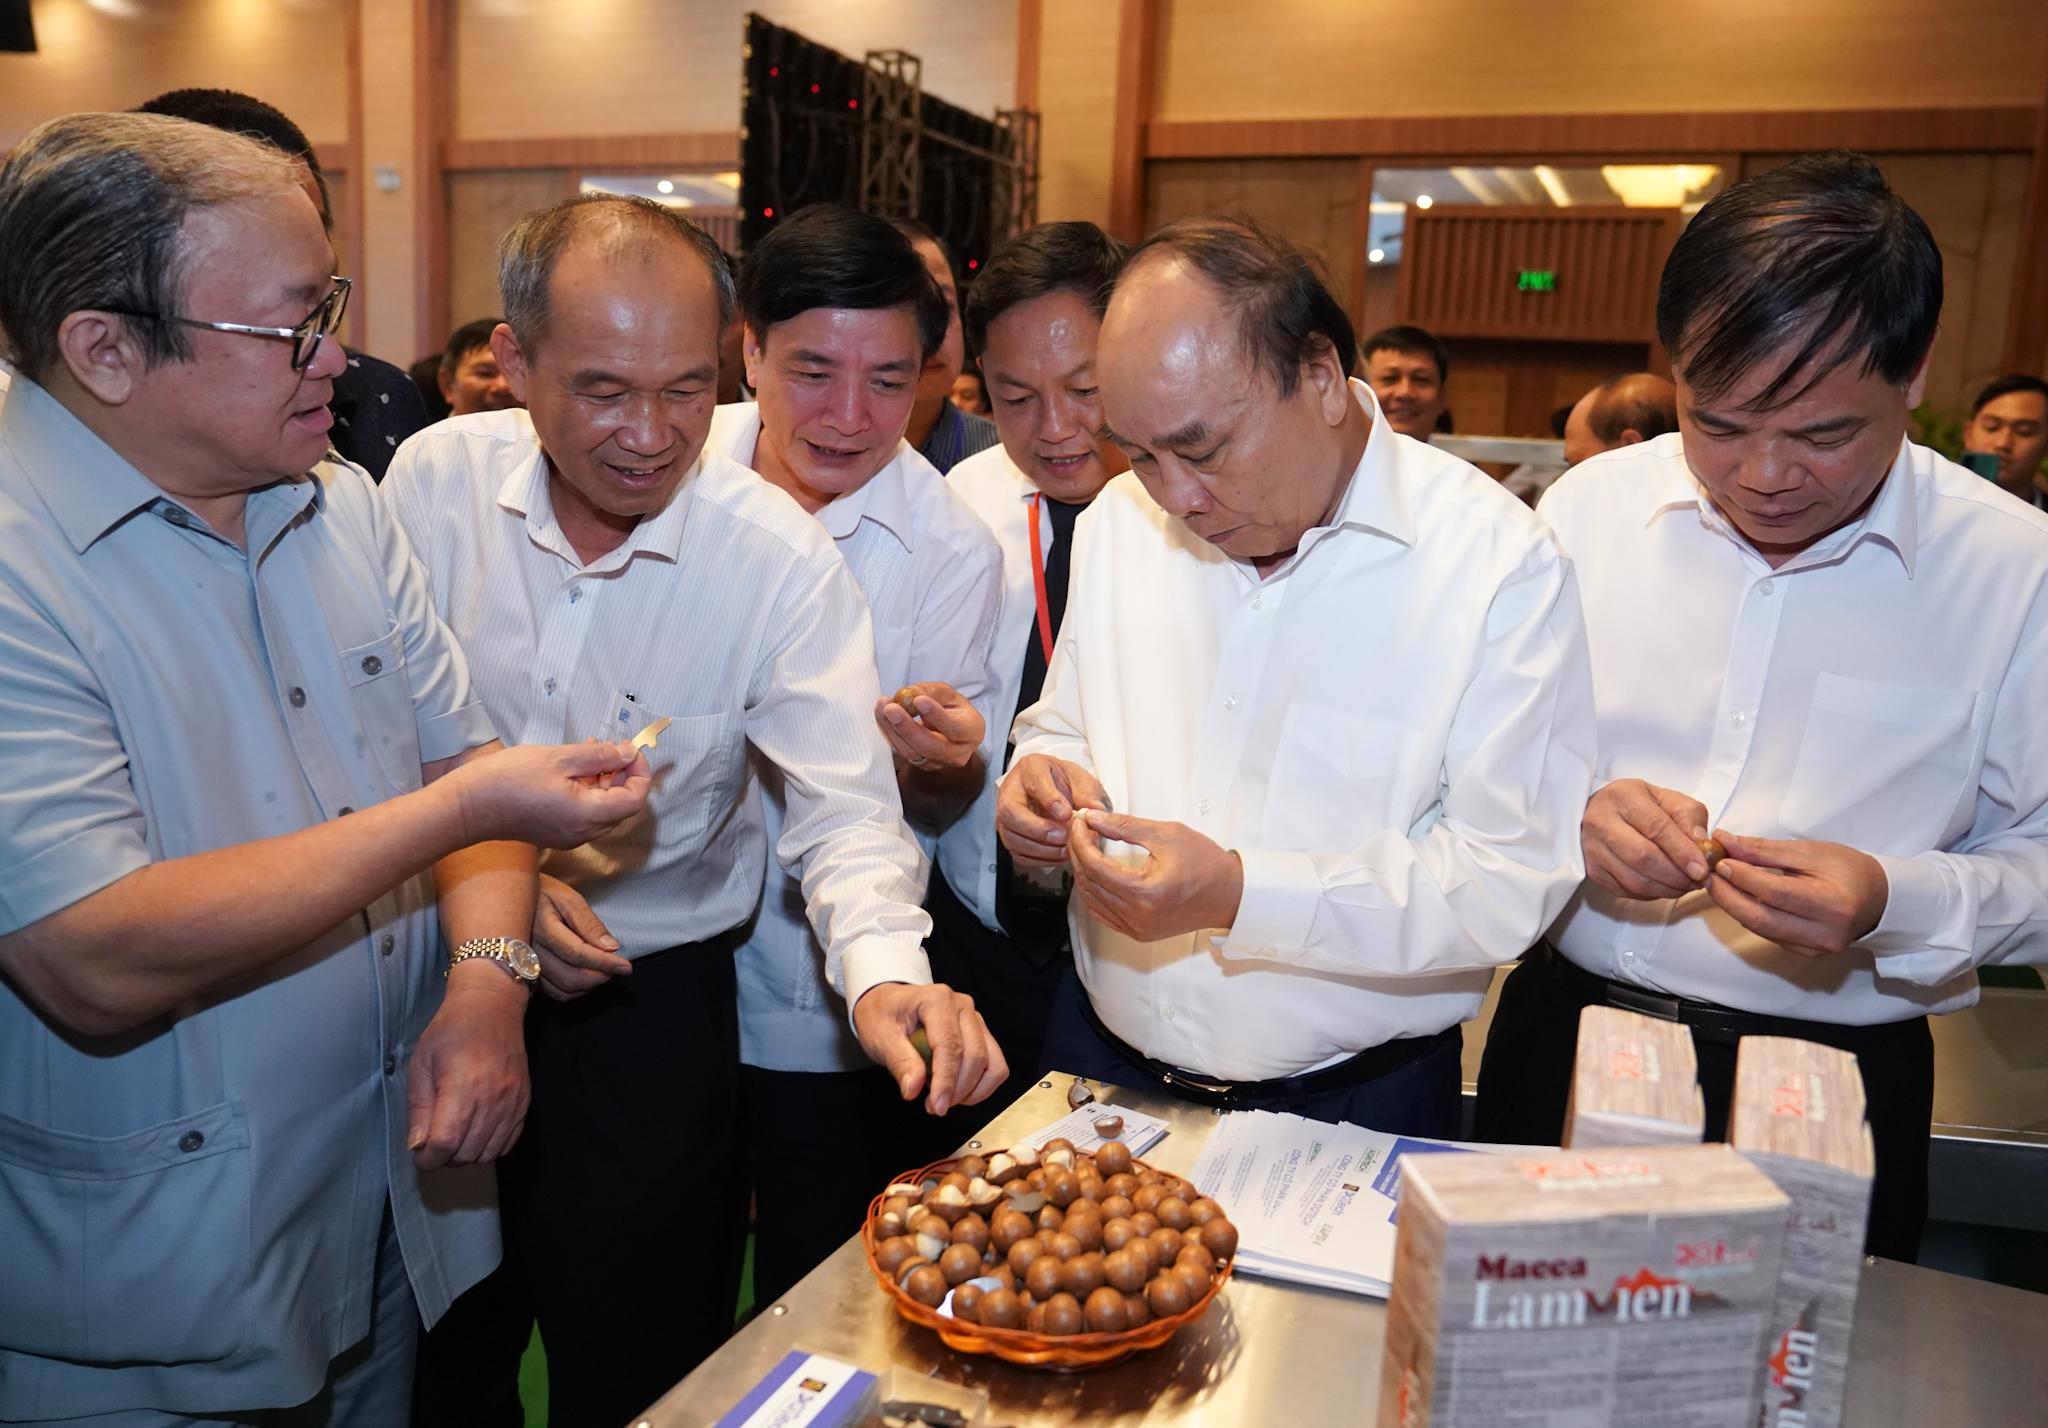 Thủ tướng Nguyễn Xuân Phúc thăm quan khu trưng bày các sản phẩm được chế biến từ hạt mắc ca. - Ảnh: VGP/Quang Hiếu